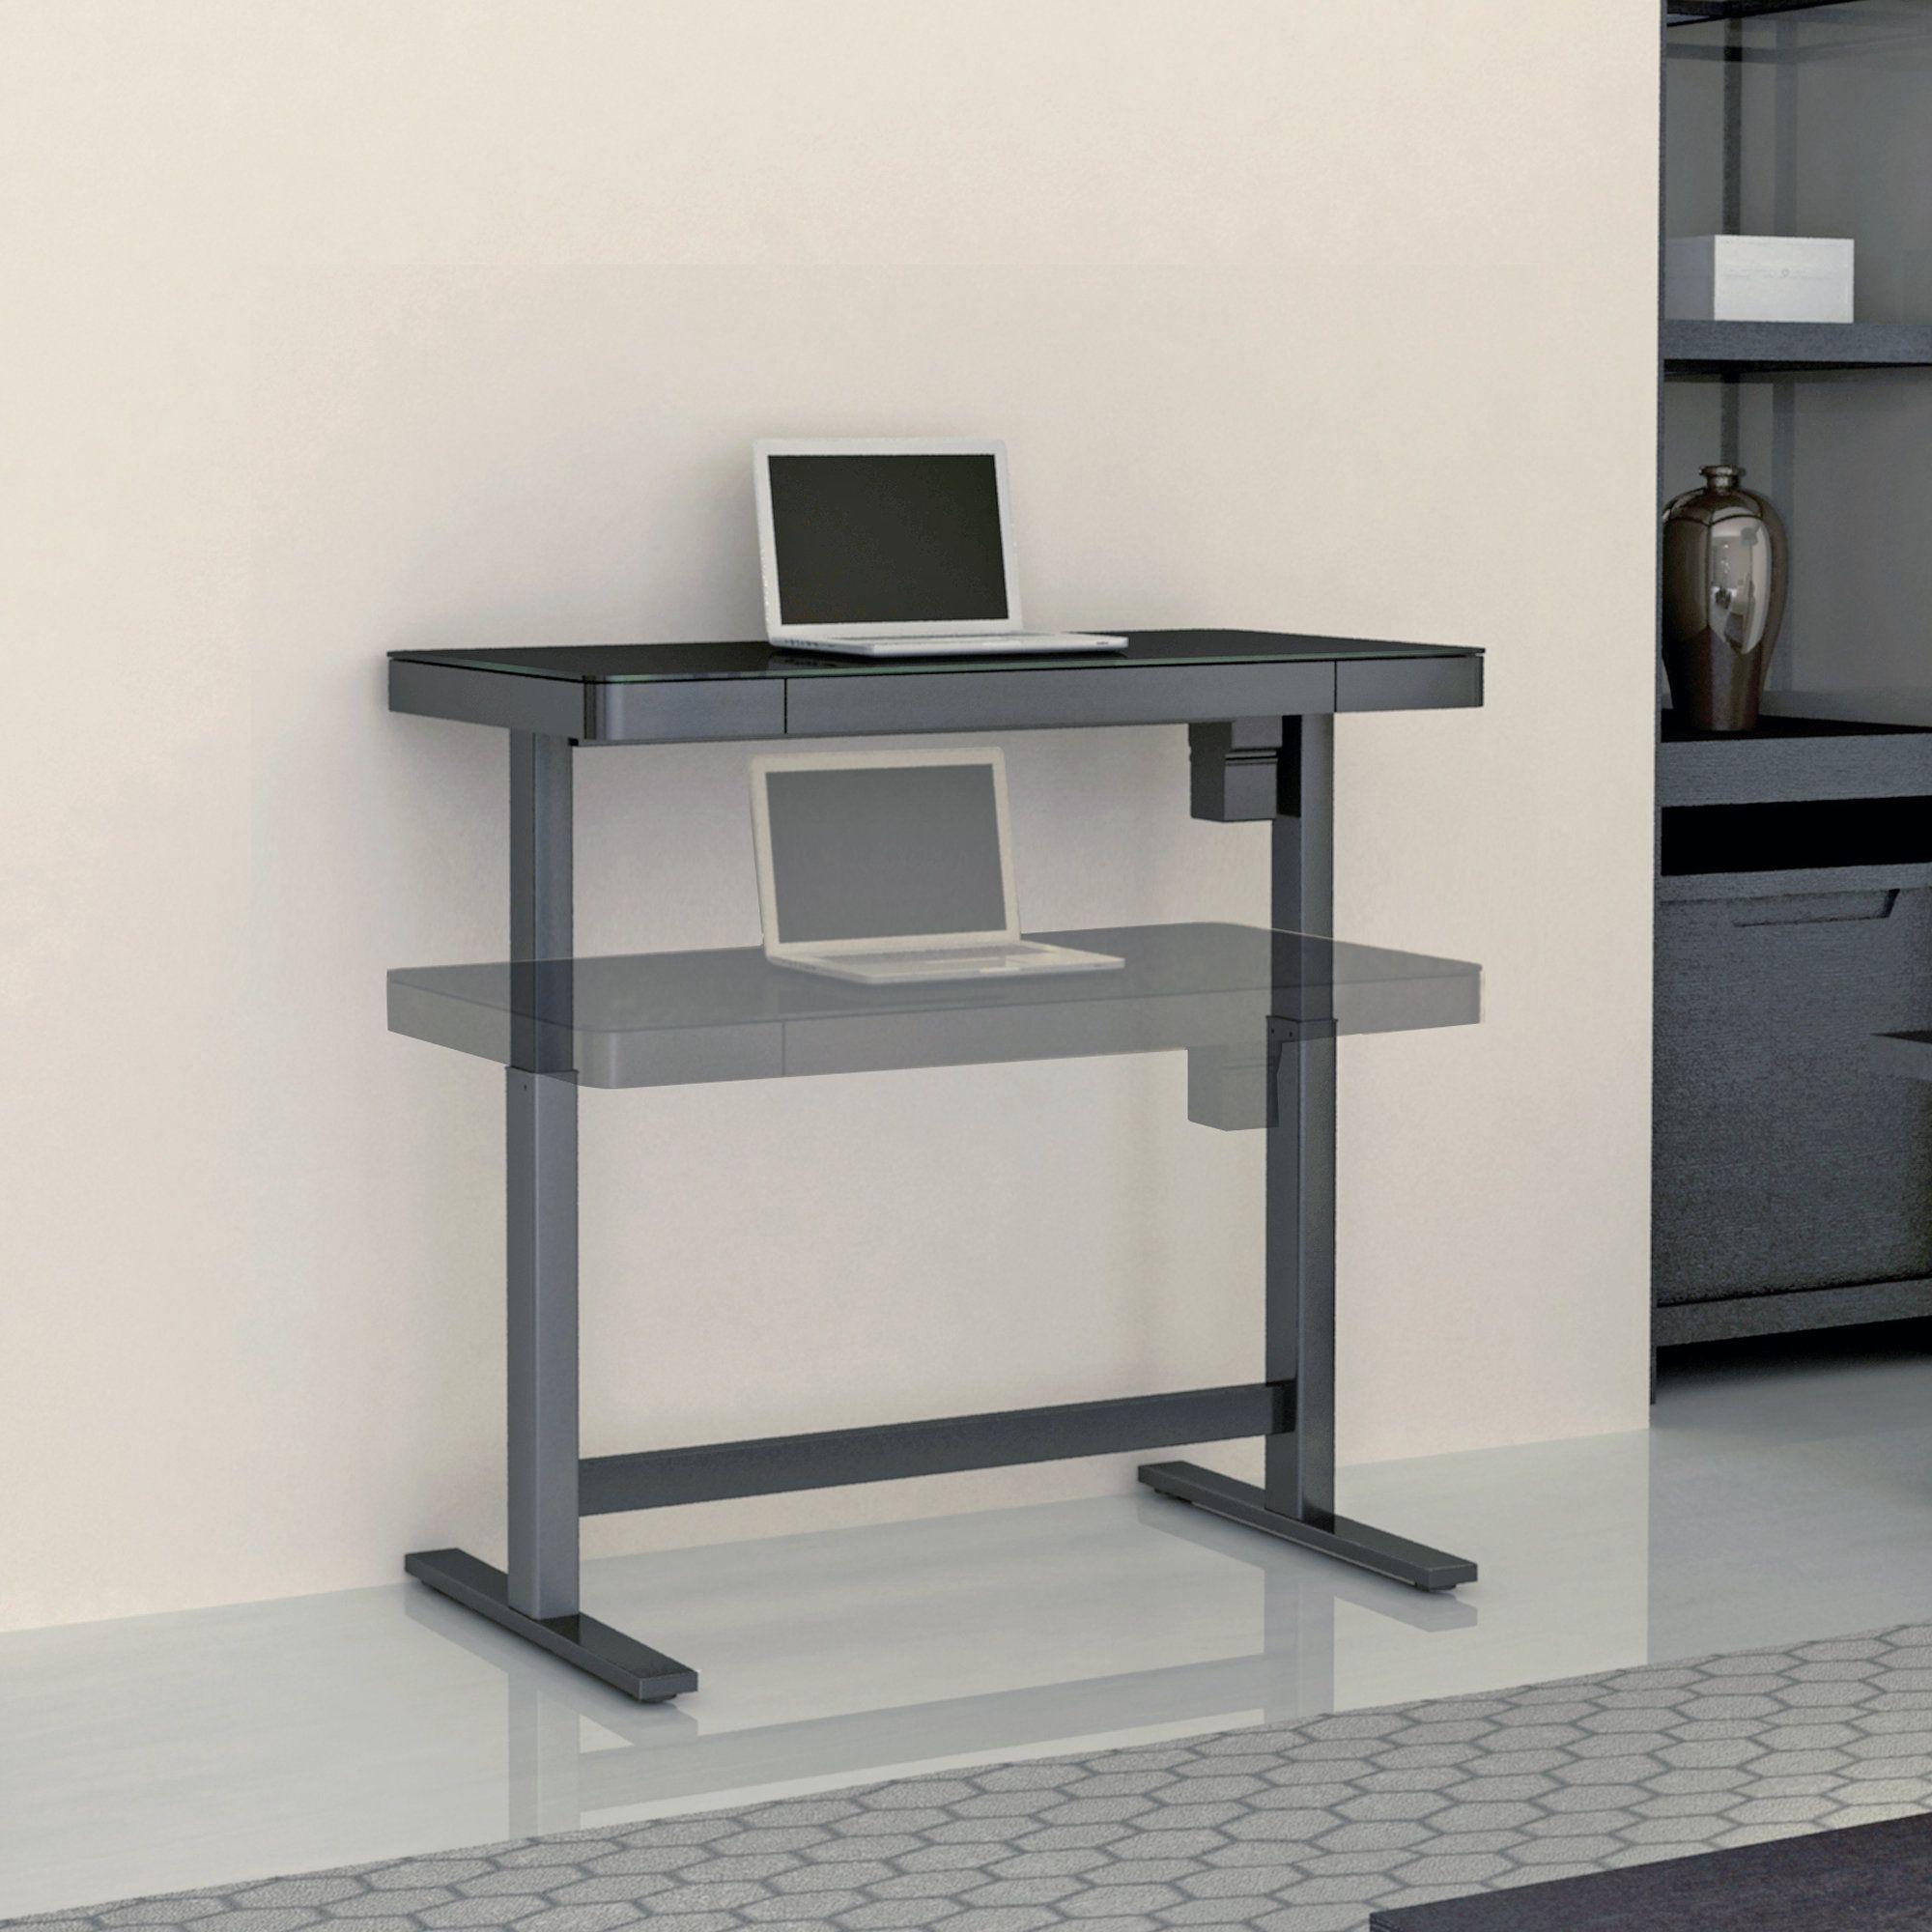 Adjustable Standing Desk Products Pinterest Desk Office